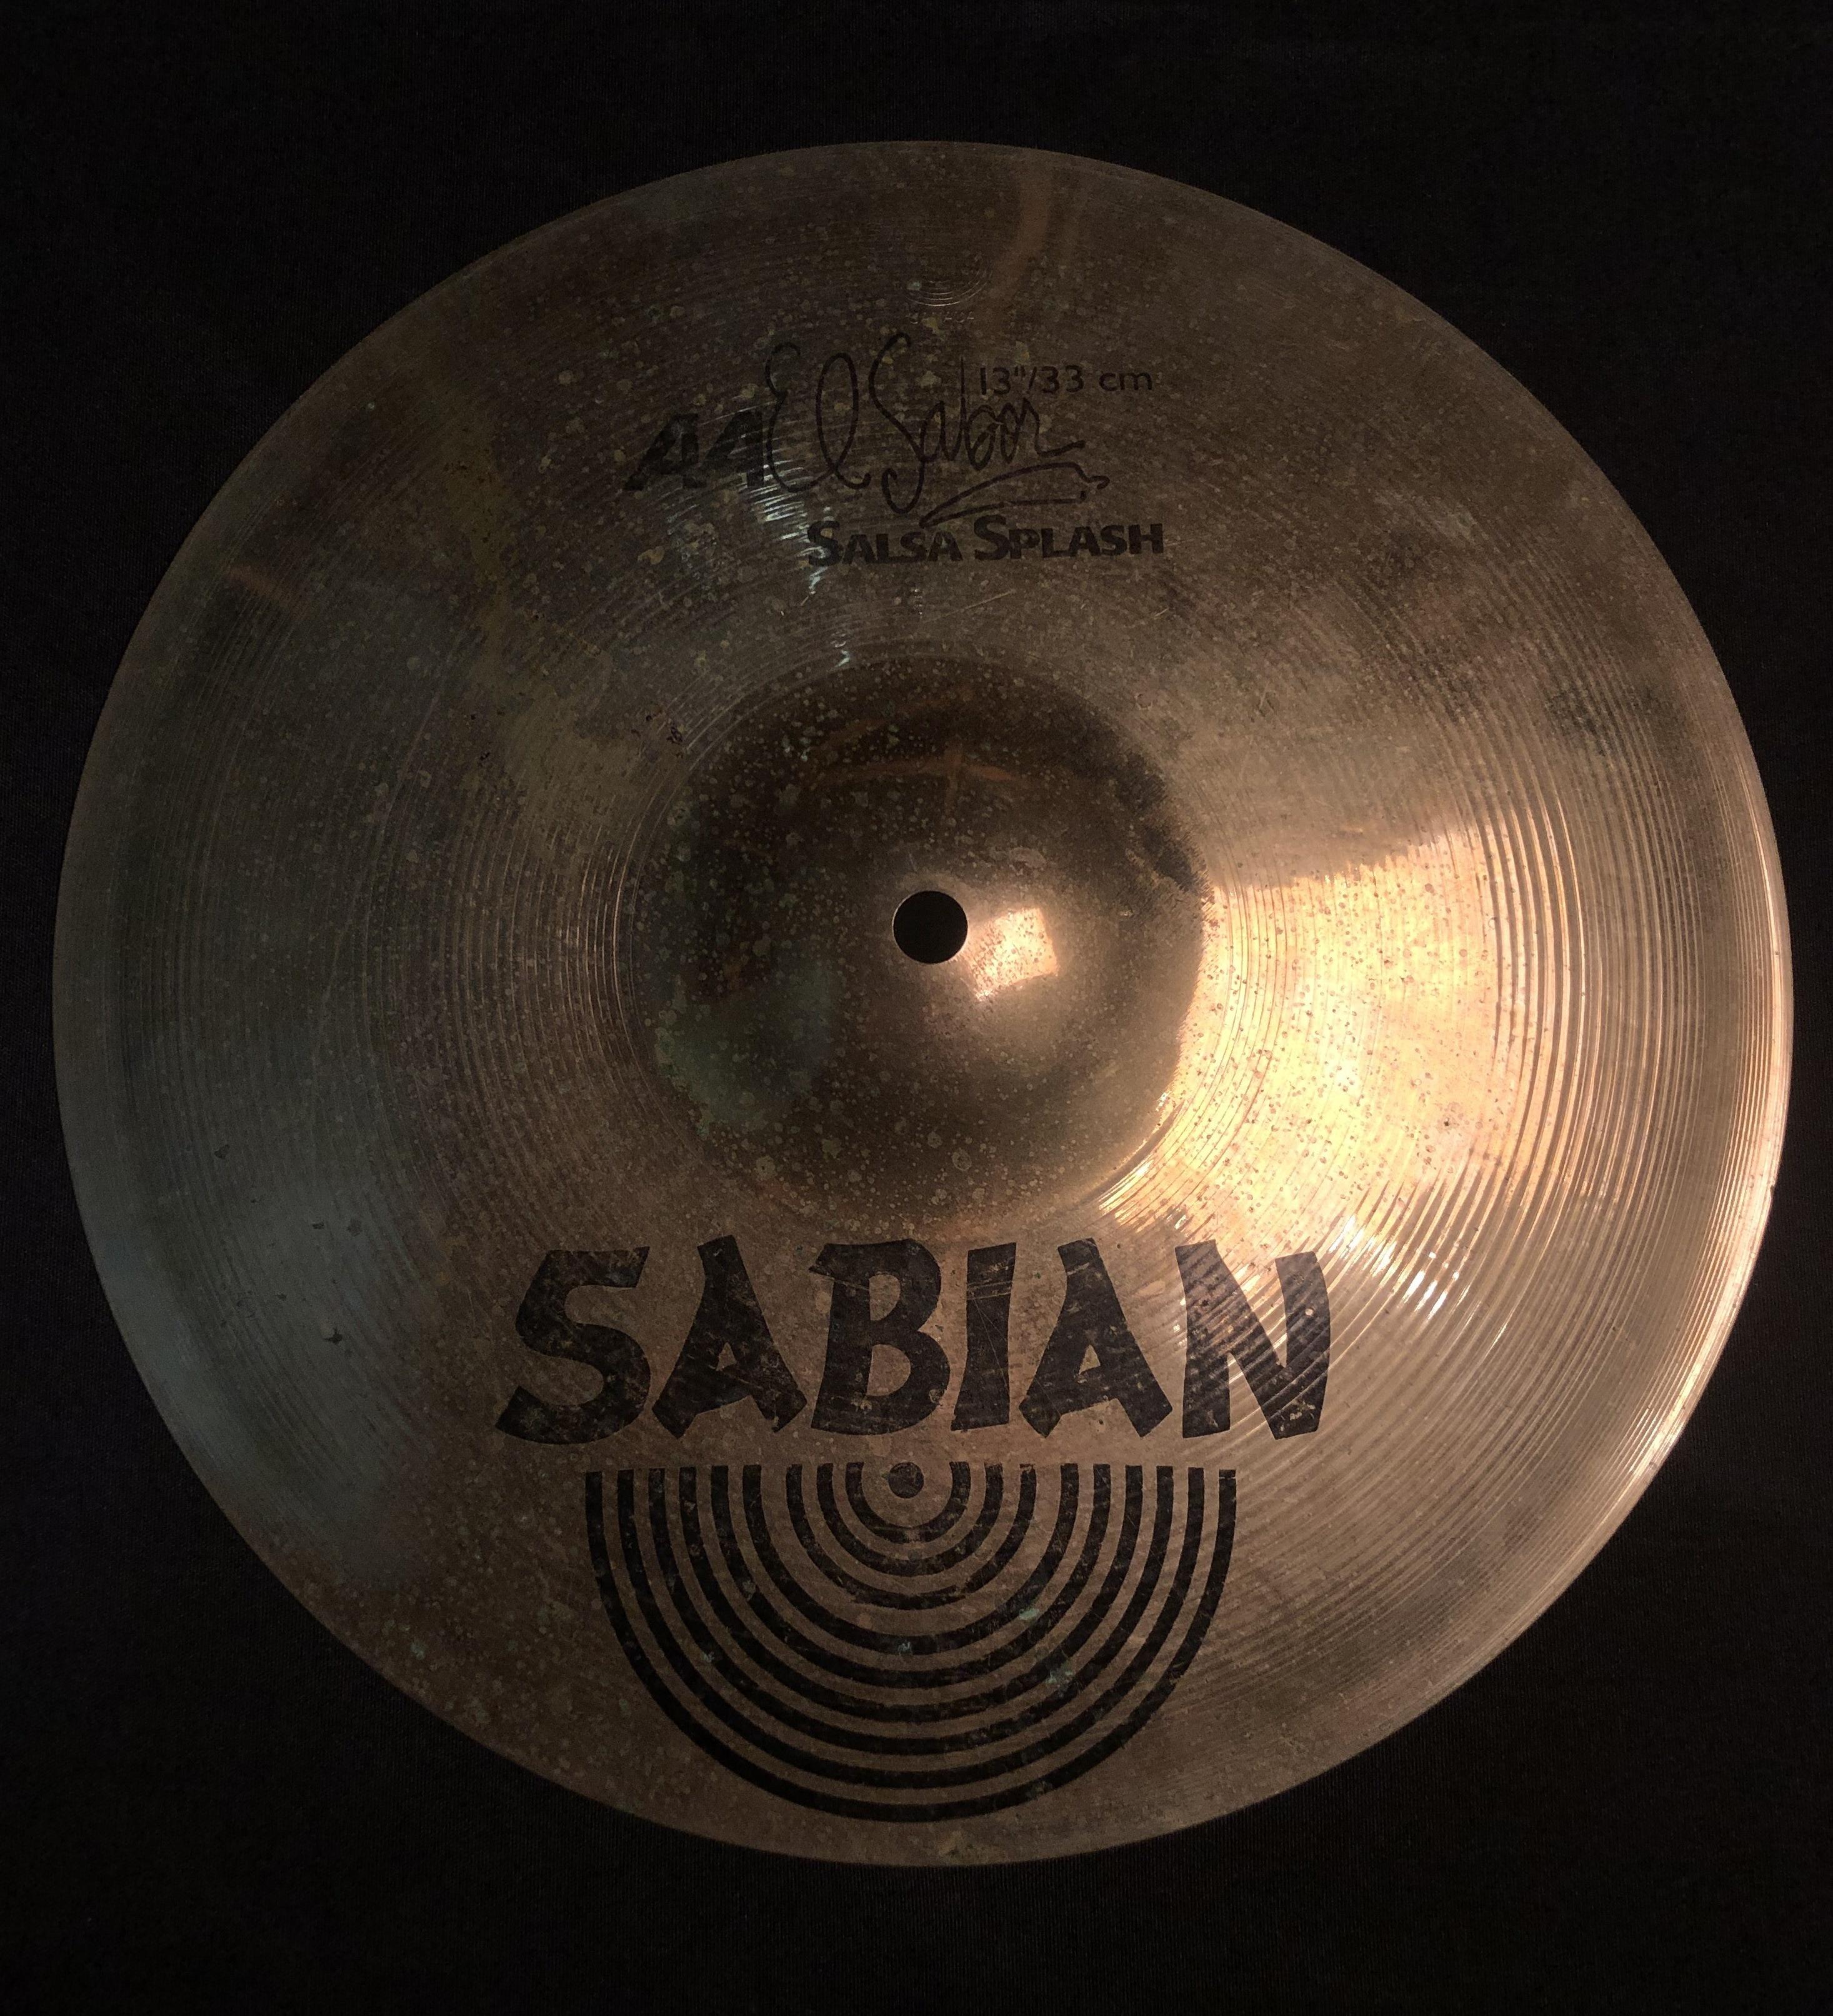 SABIAN - El Sabor Salsa Splash Cymbal 13